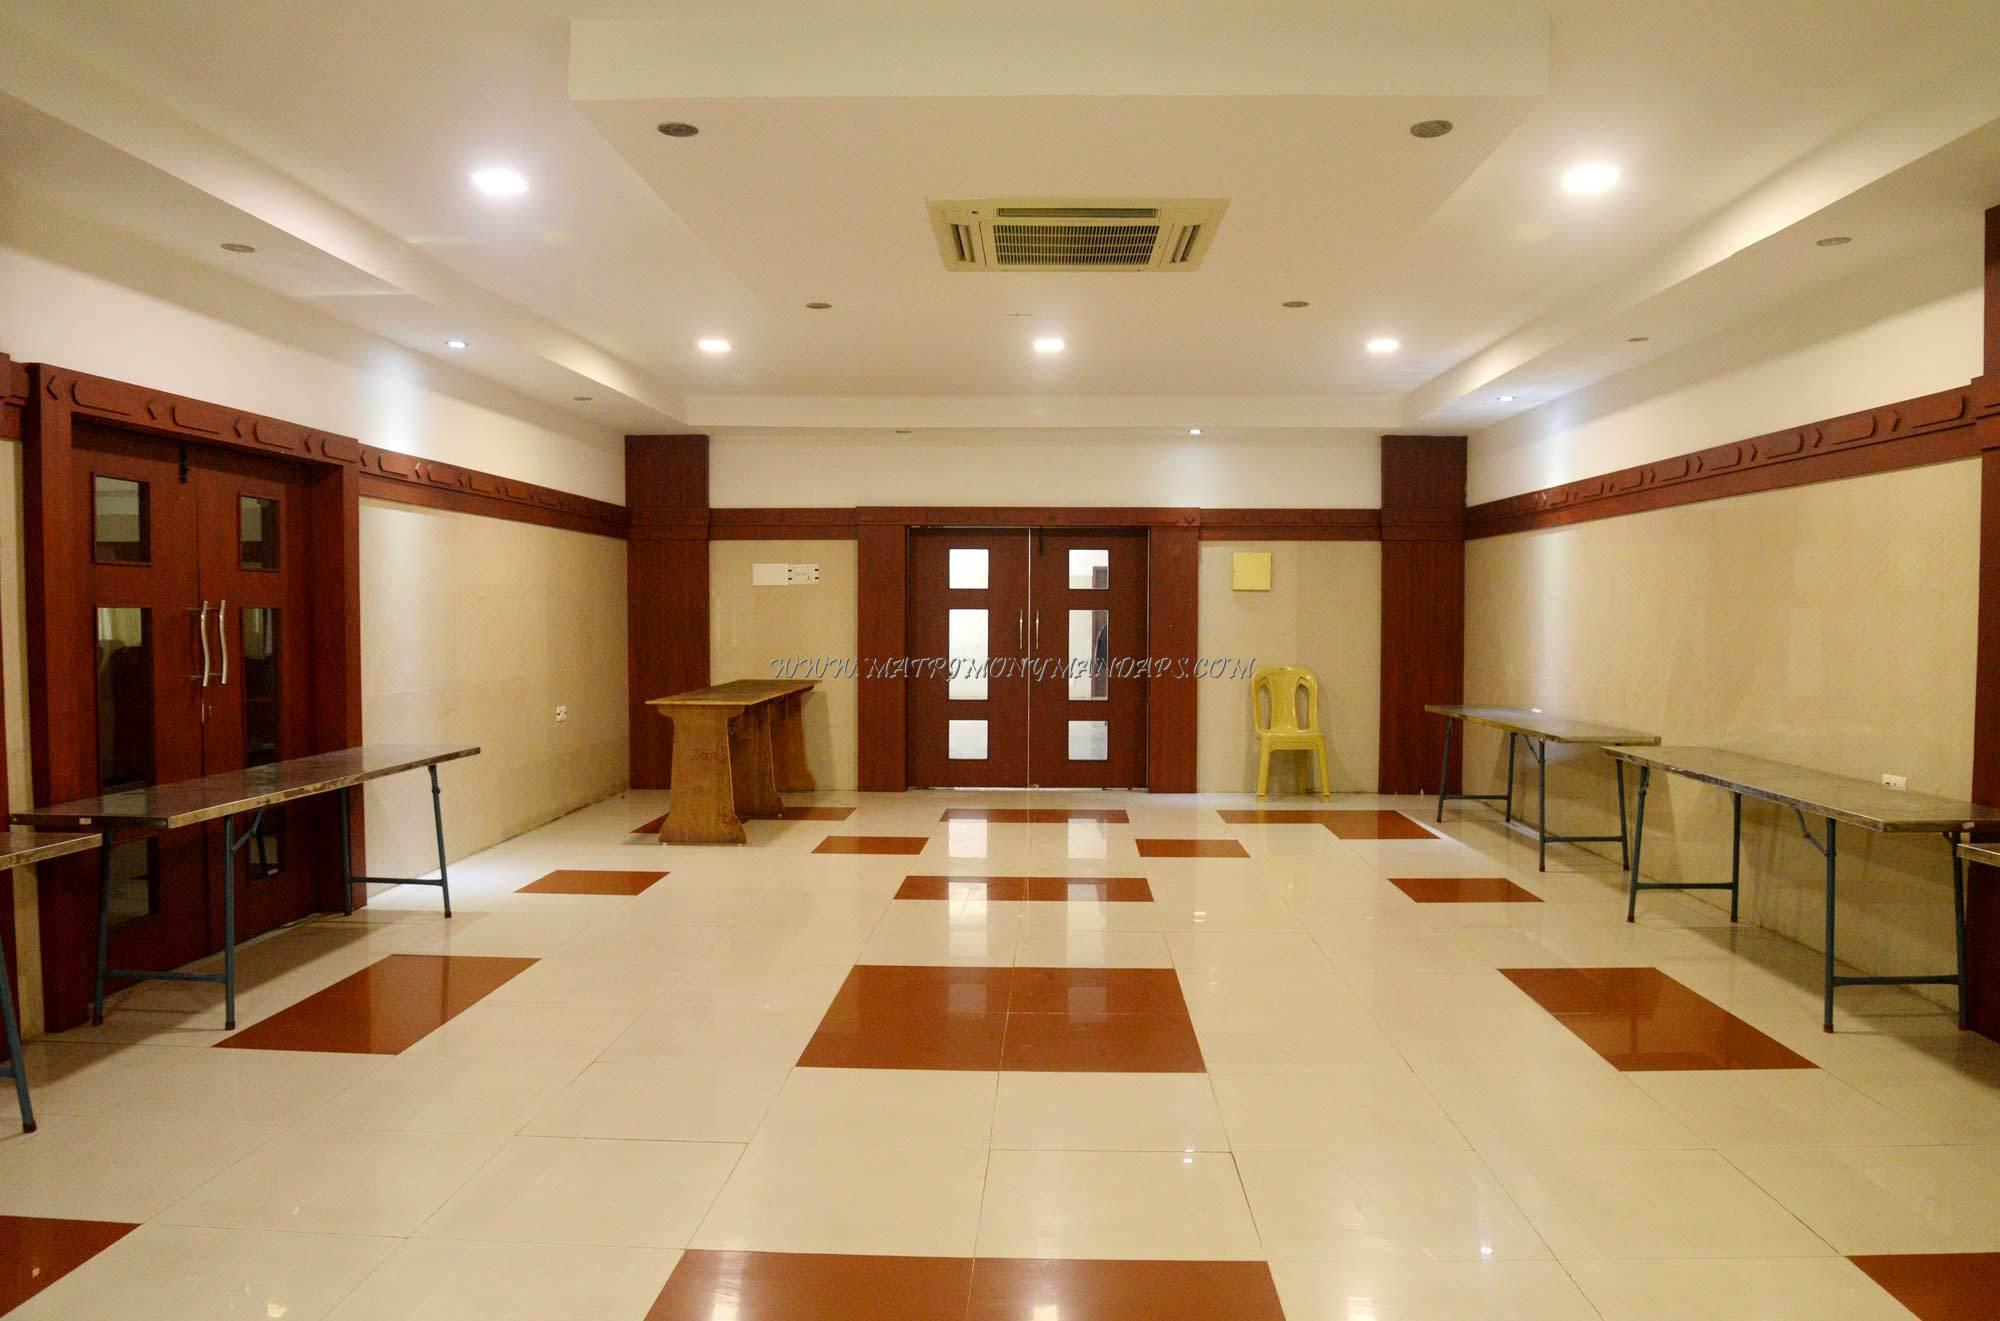 Abrigo City Center Ganga Hall - Pre-function Area